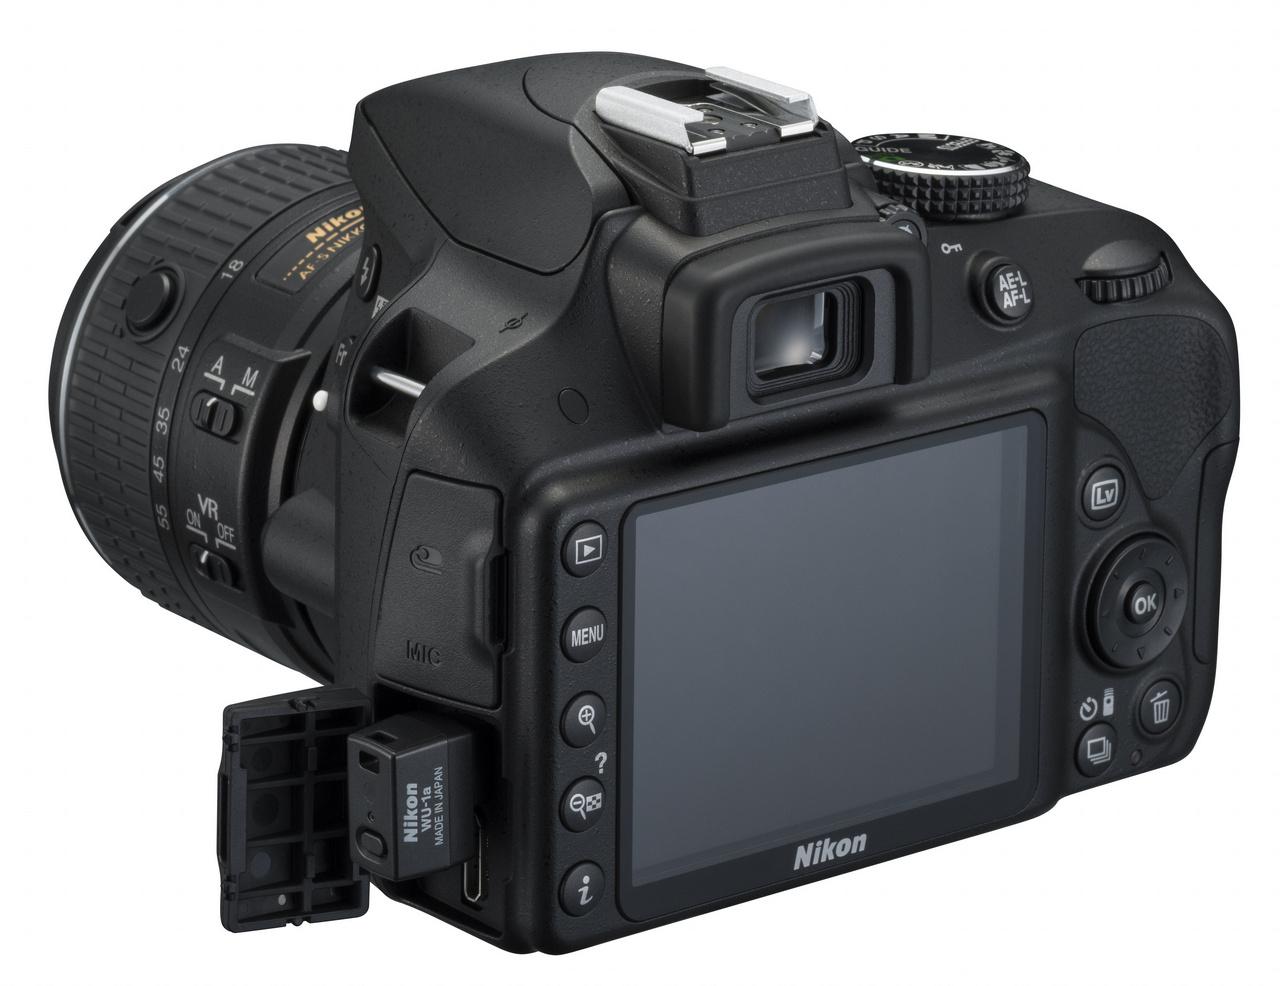 WU-1a adapterrel Wi-Fi kapcsolatra is képes a Nikon D3300